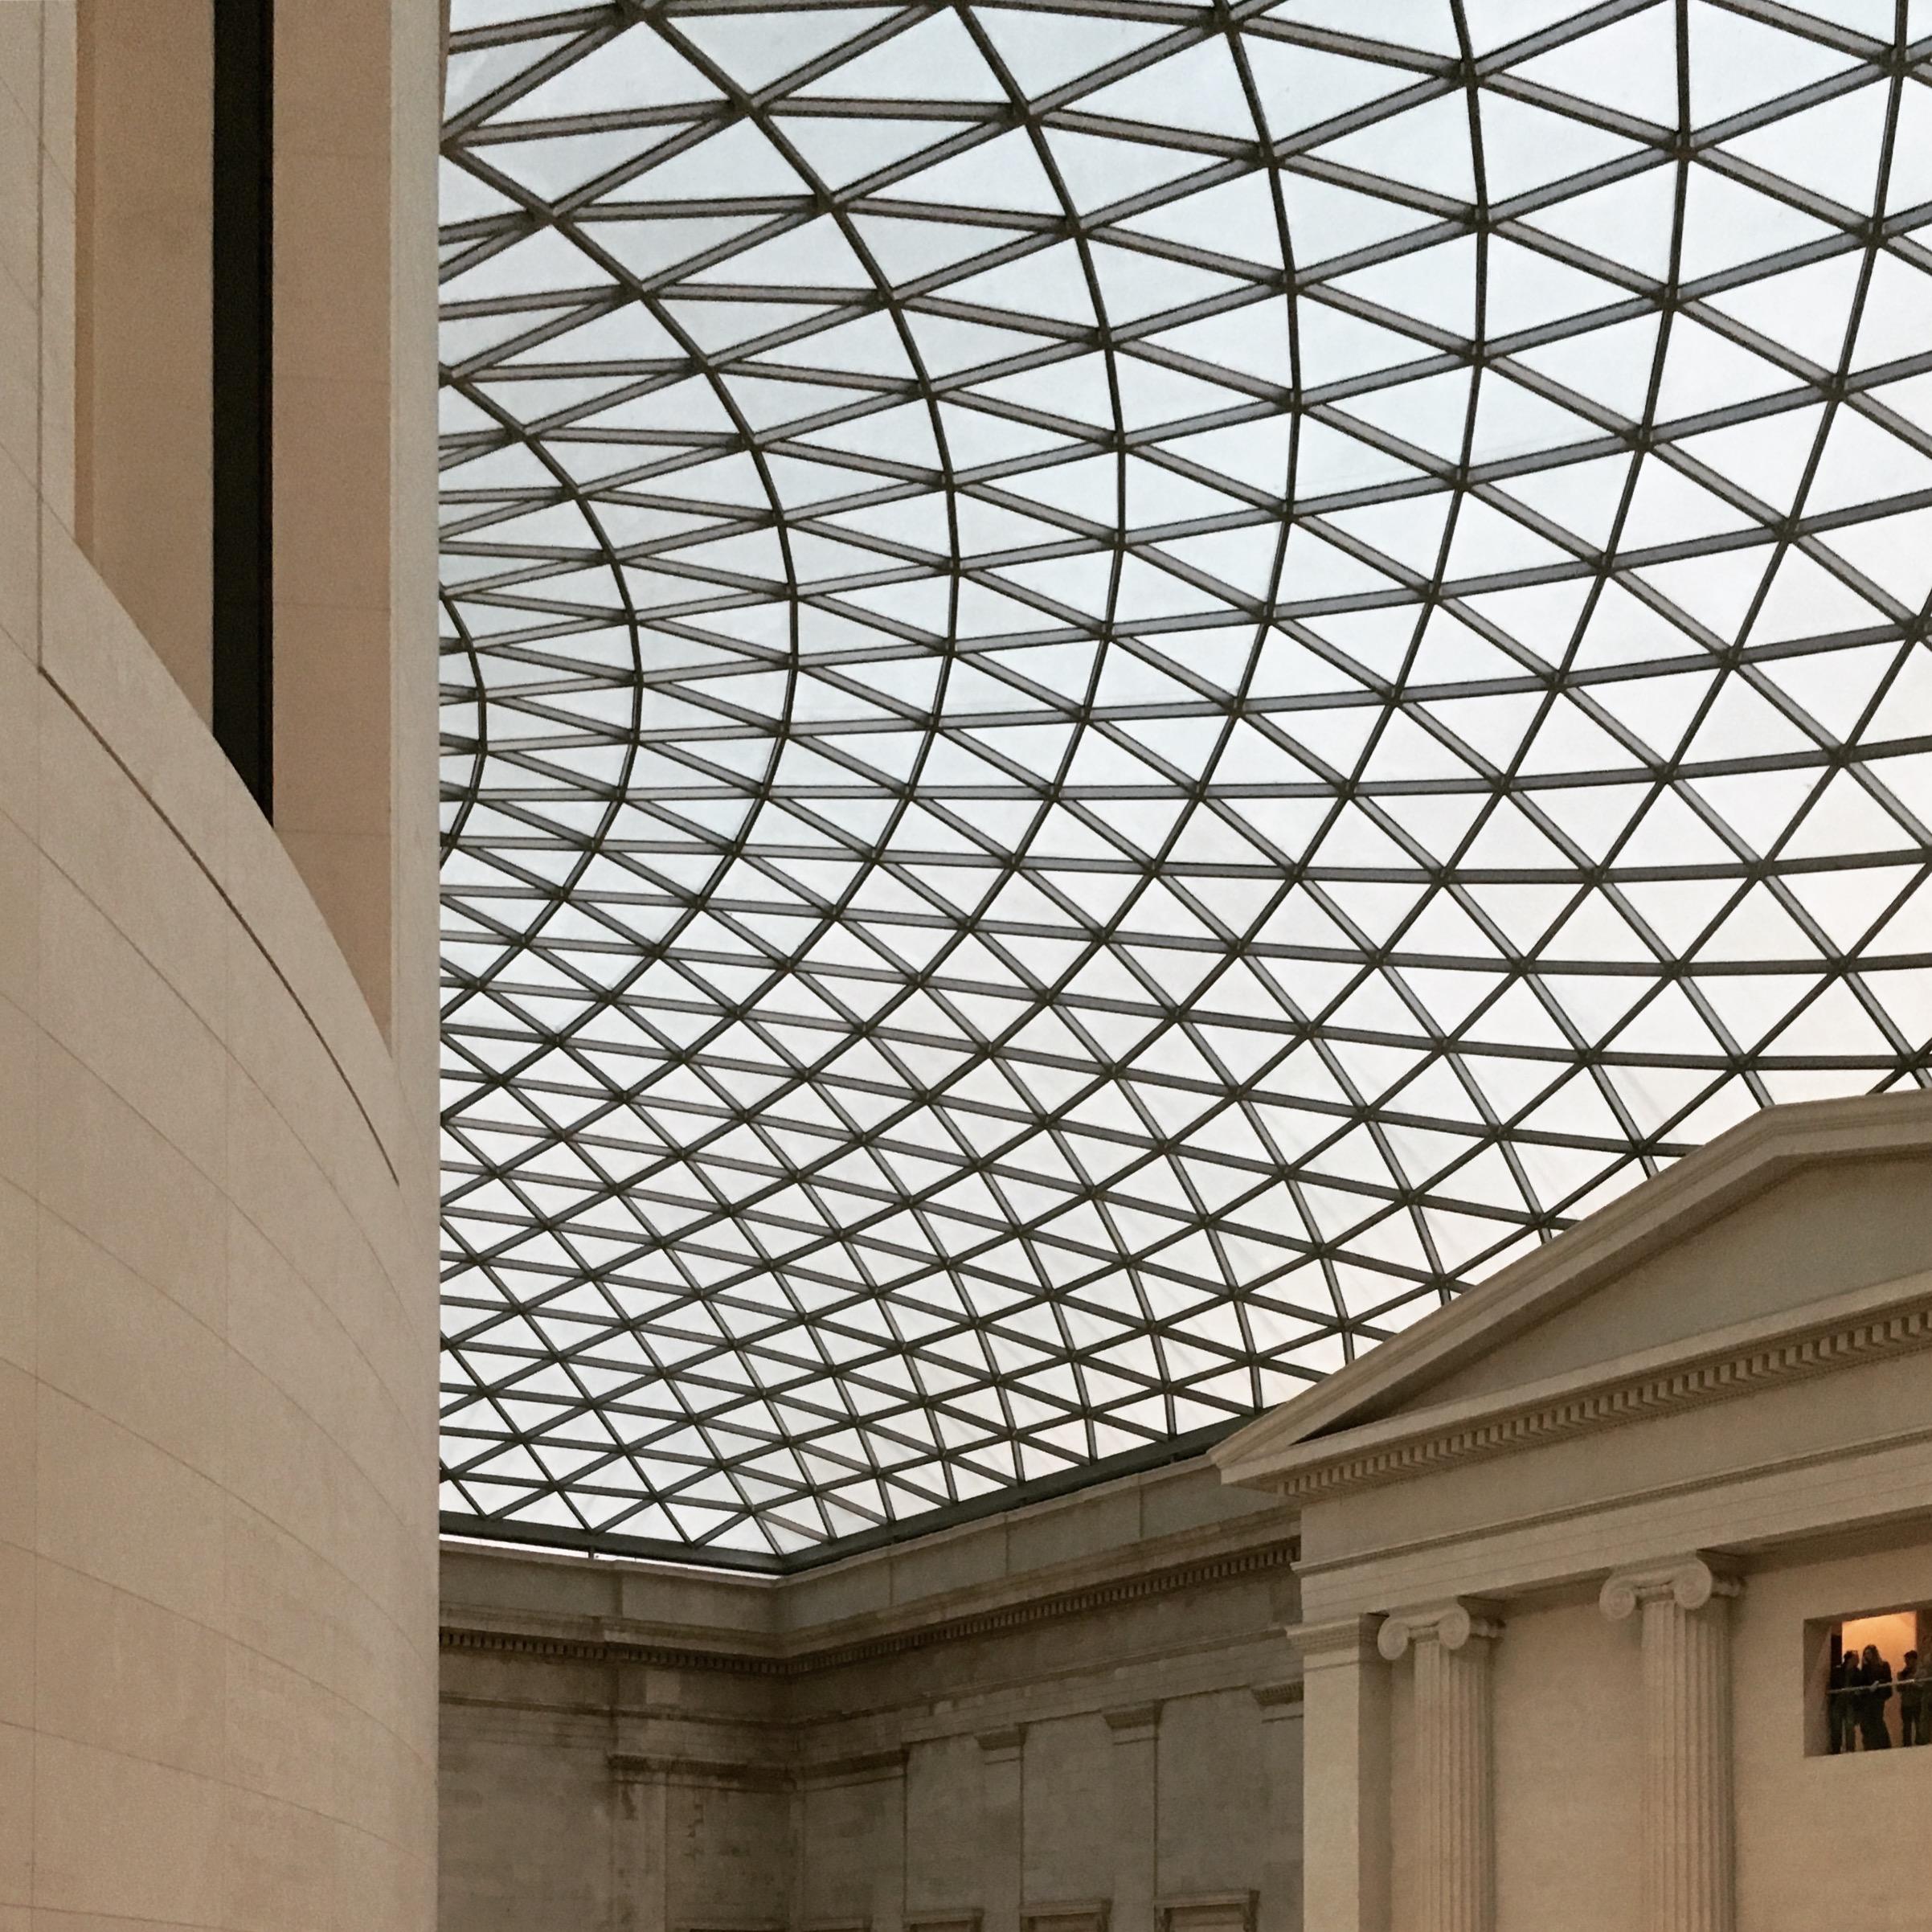 Lozidaze_British-Museum_01